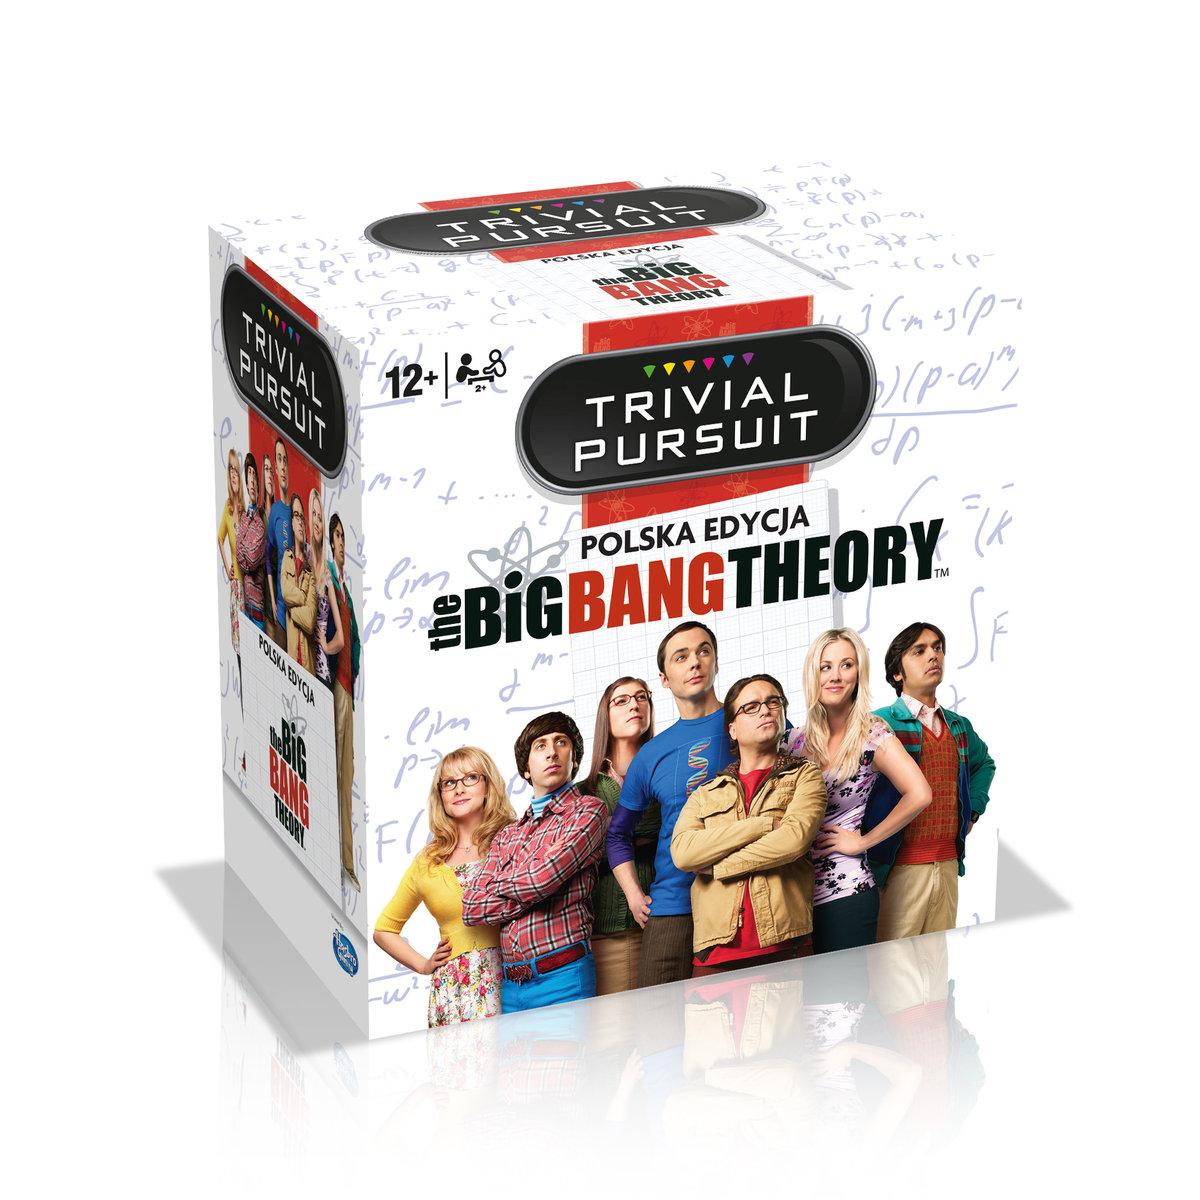 TRIVIAL PURSUIT: The Big Bang Theory - Teoria wielkiego podrywu (gra planszowa) (edycja polska)